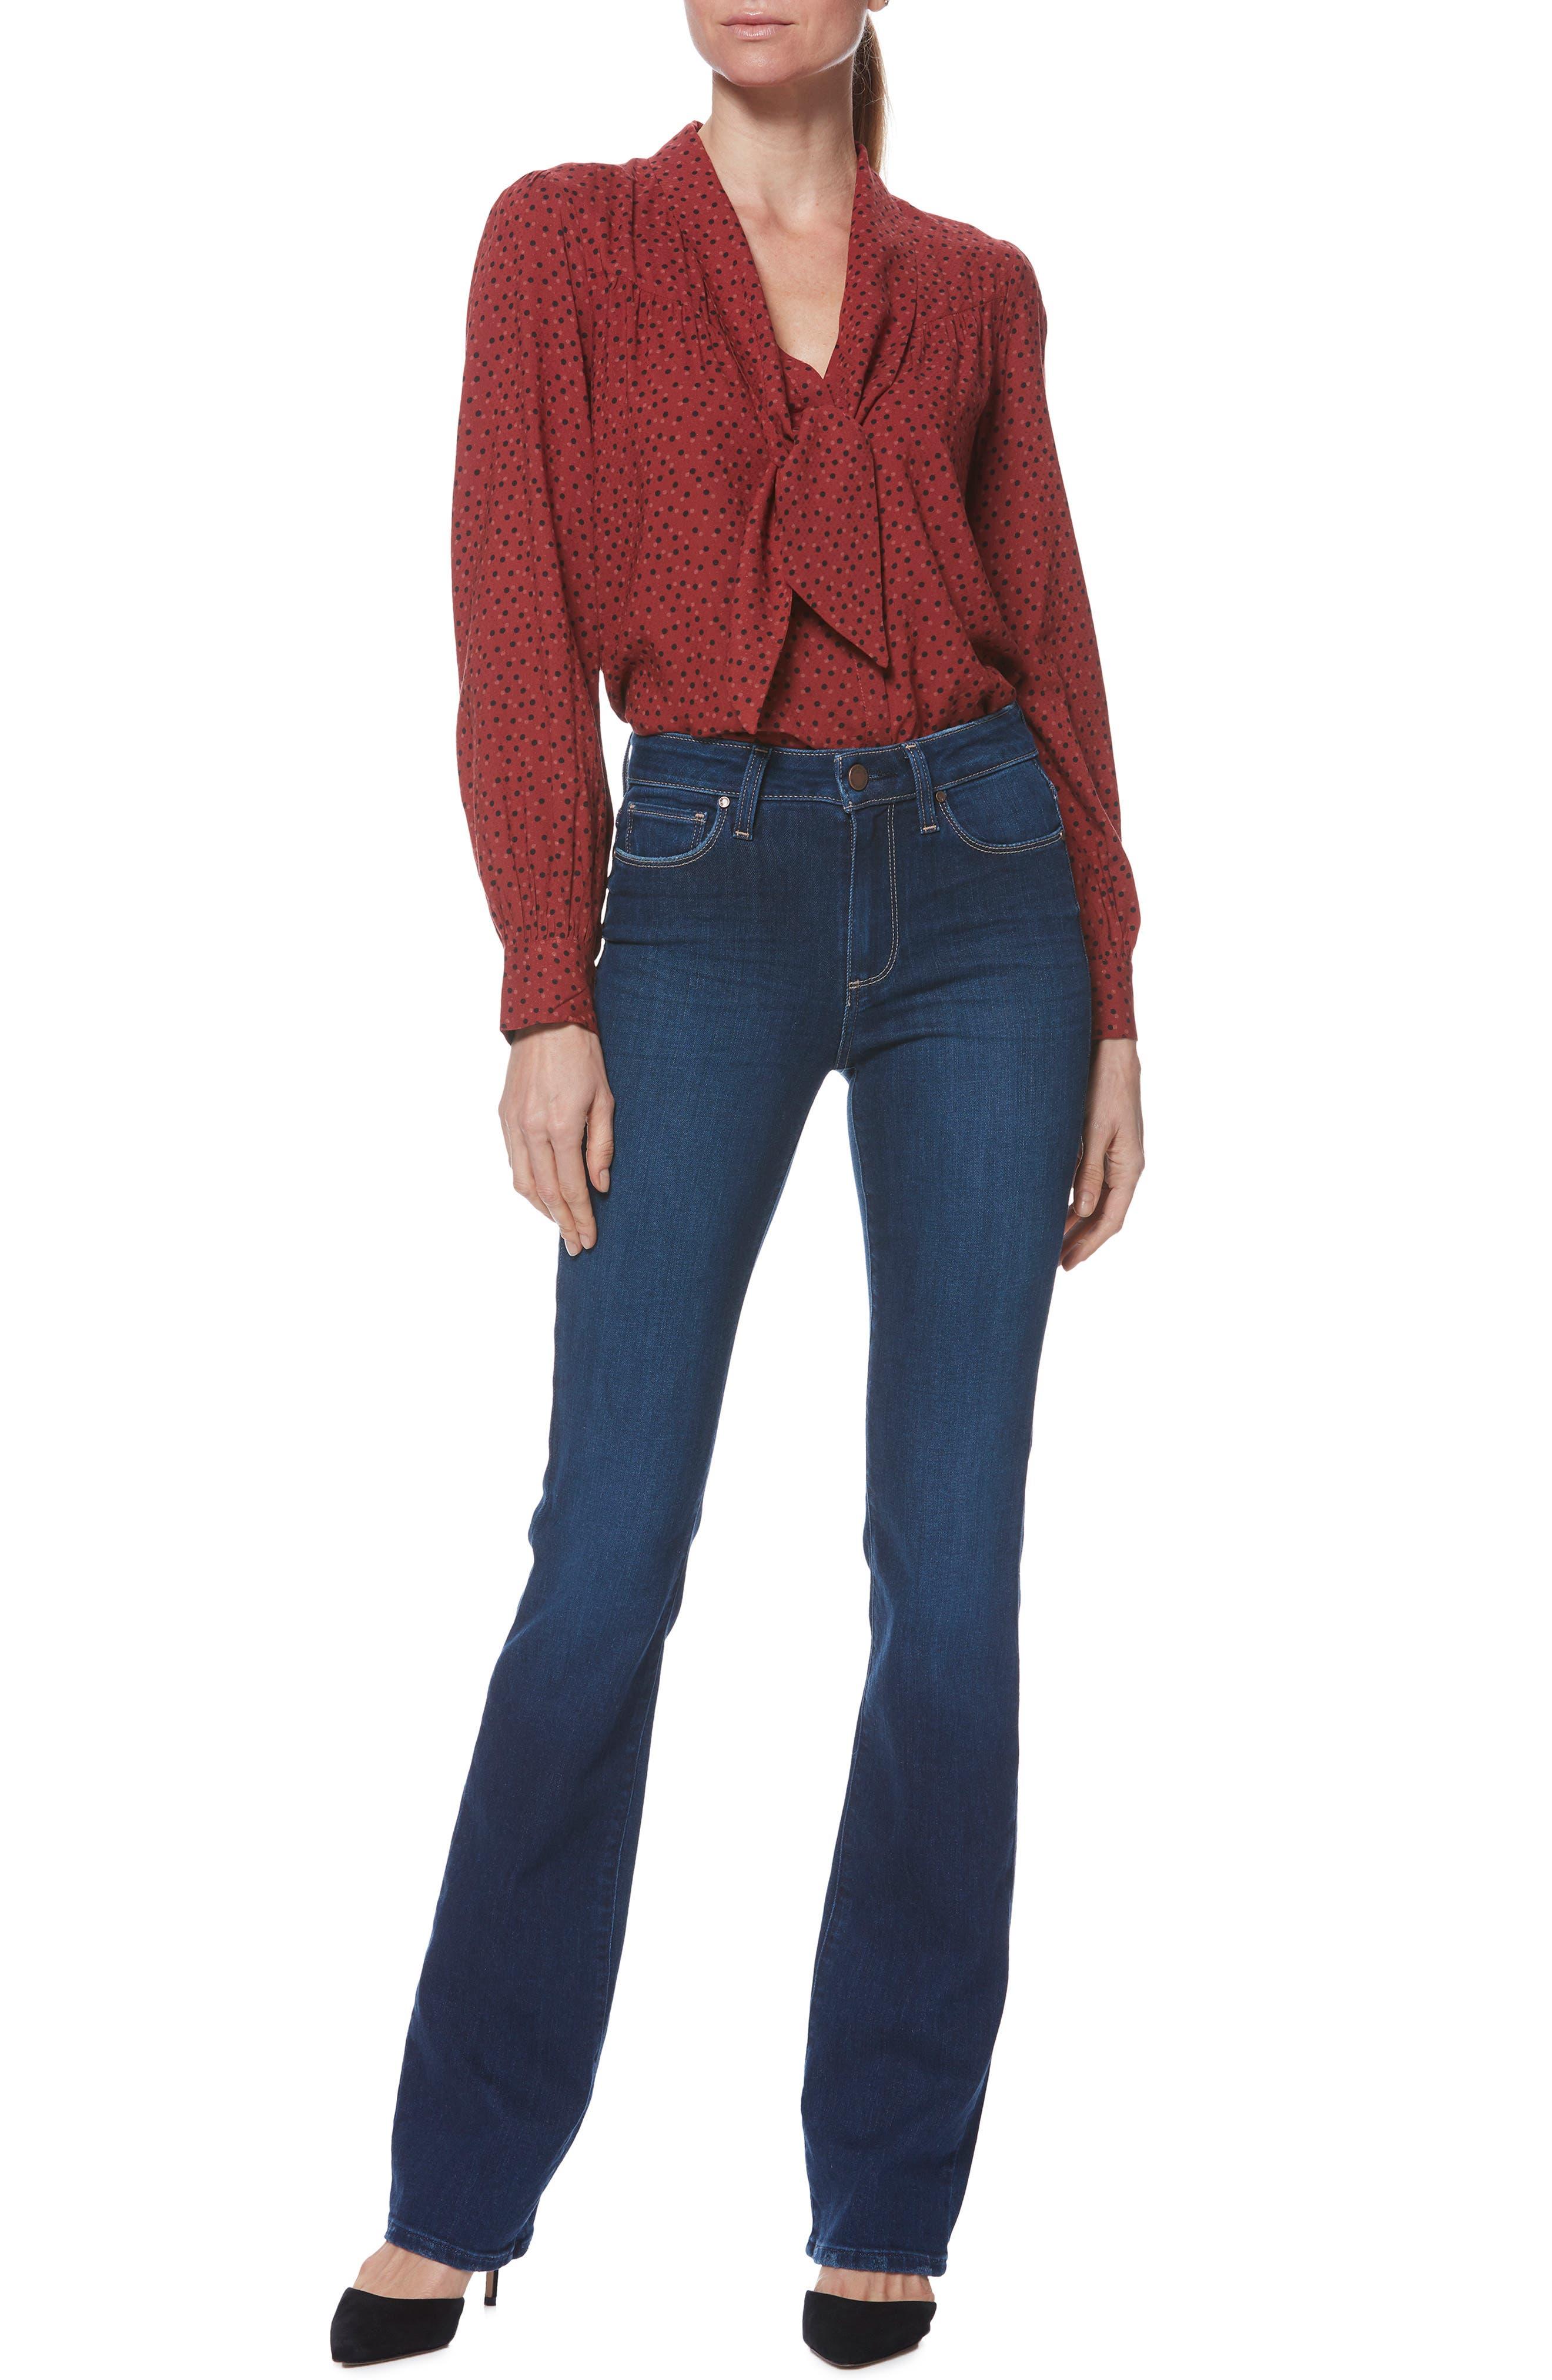 PAIGE, Transcend Vintage - Manhattan Bootcut Jeans, Alternate thumbnail 7, color, 400